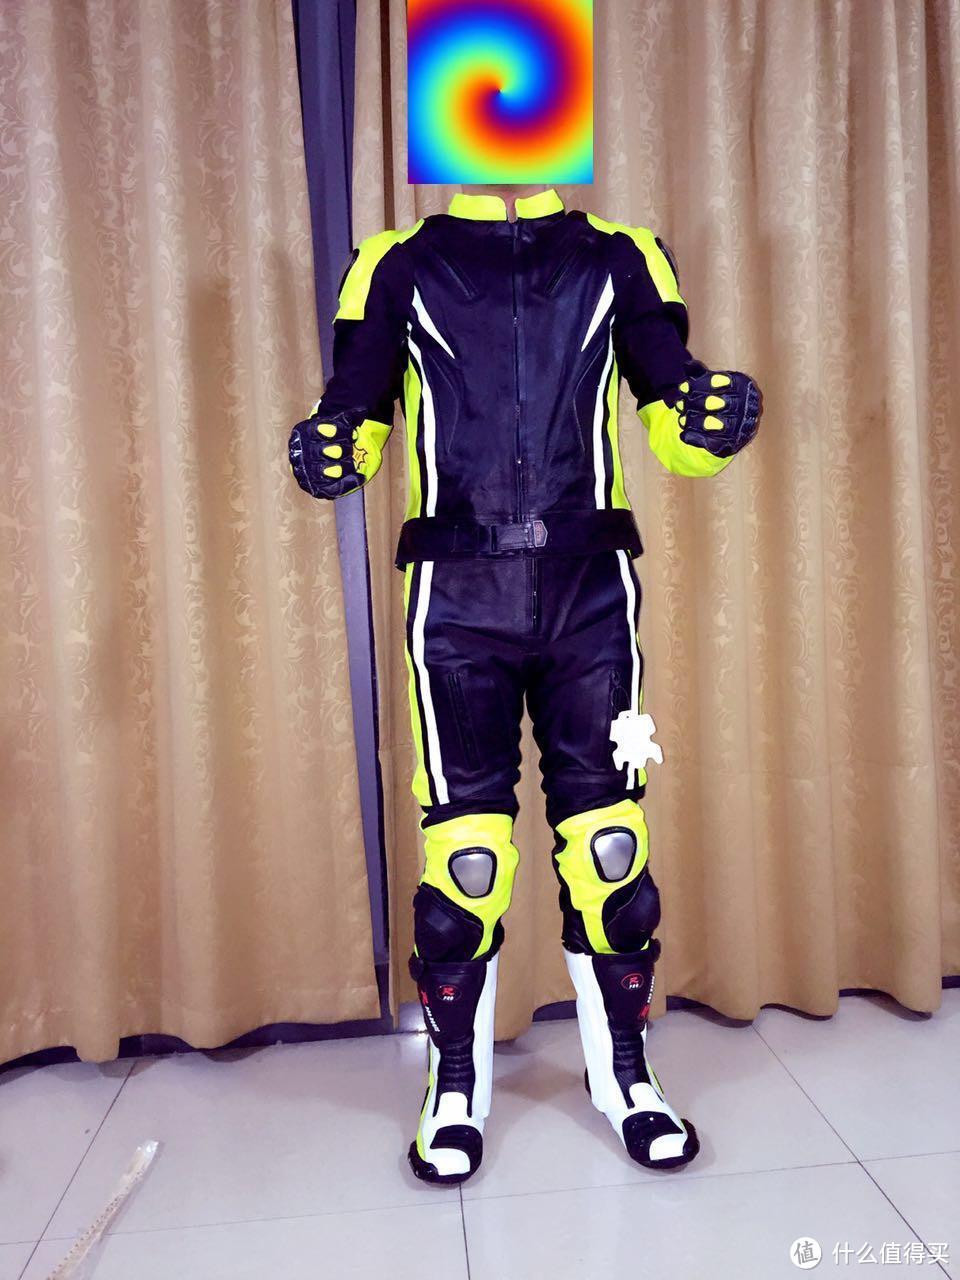 整套上身的效果,本人173cm-65kg,蛮合身的。脚上磨包 护膝都有,肩膀也有基本可以做到下赛道的标准了。